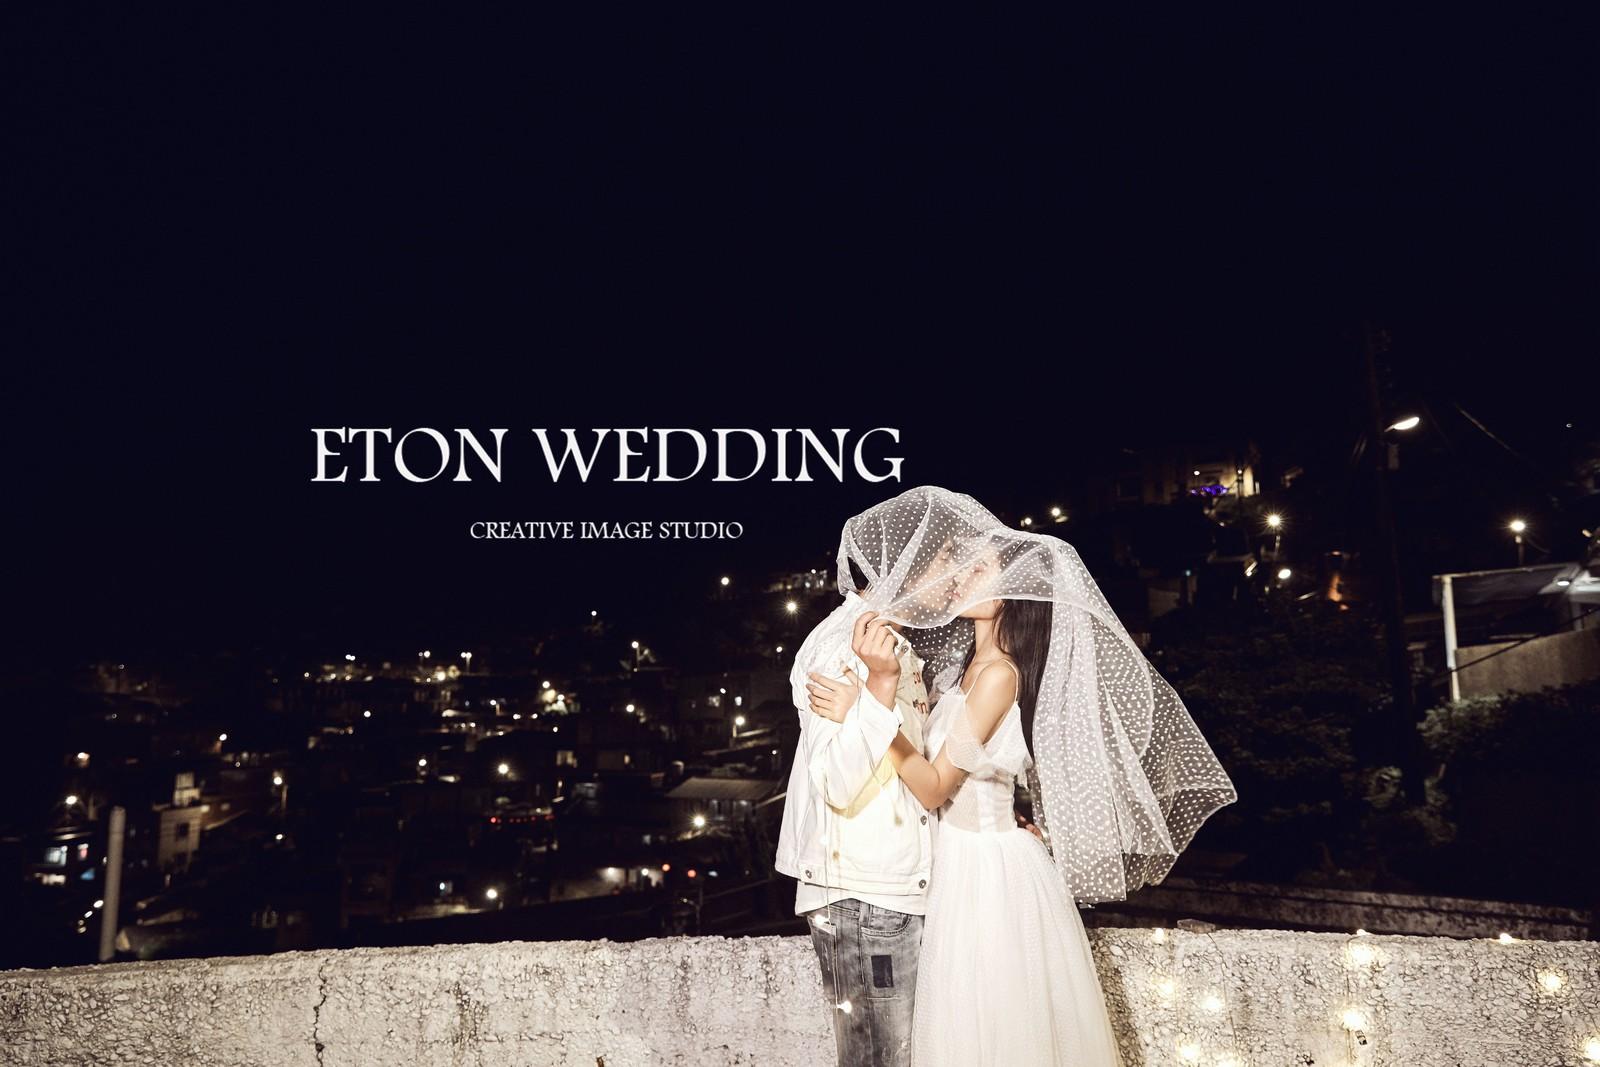 台北自助婚紗攝影 首圖